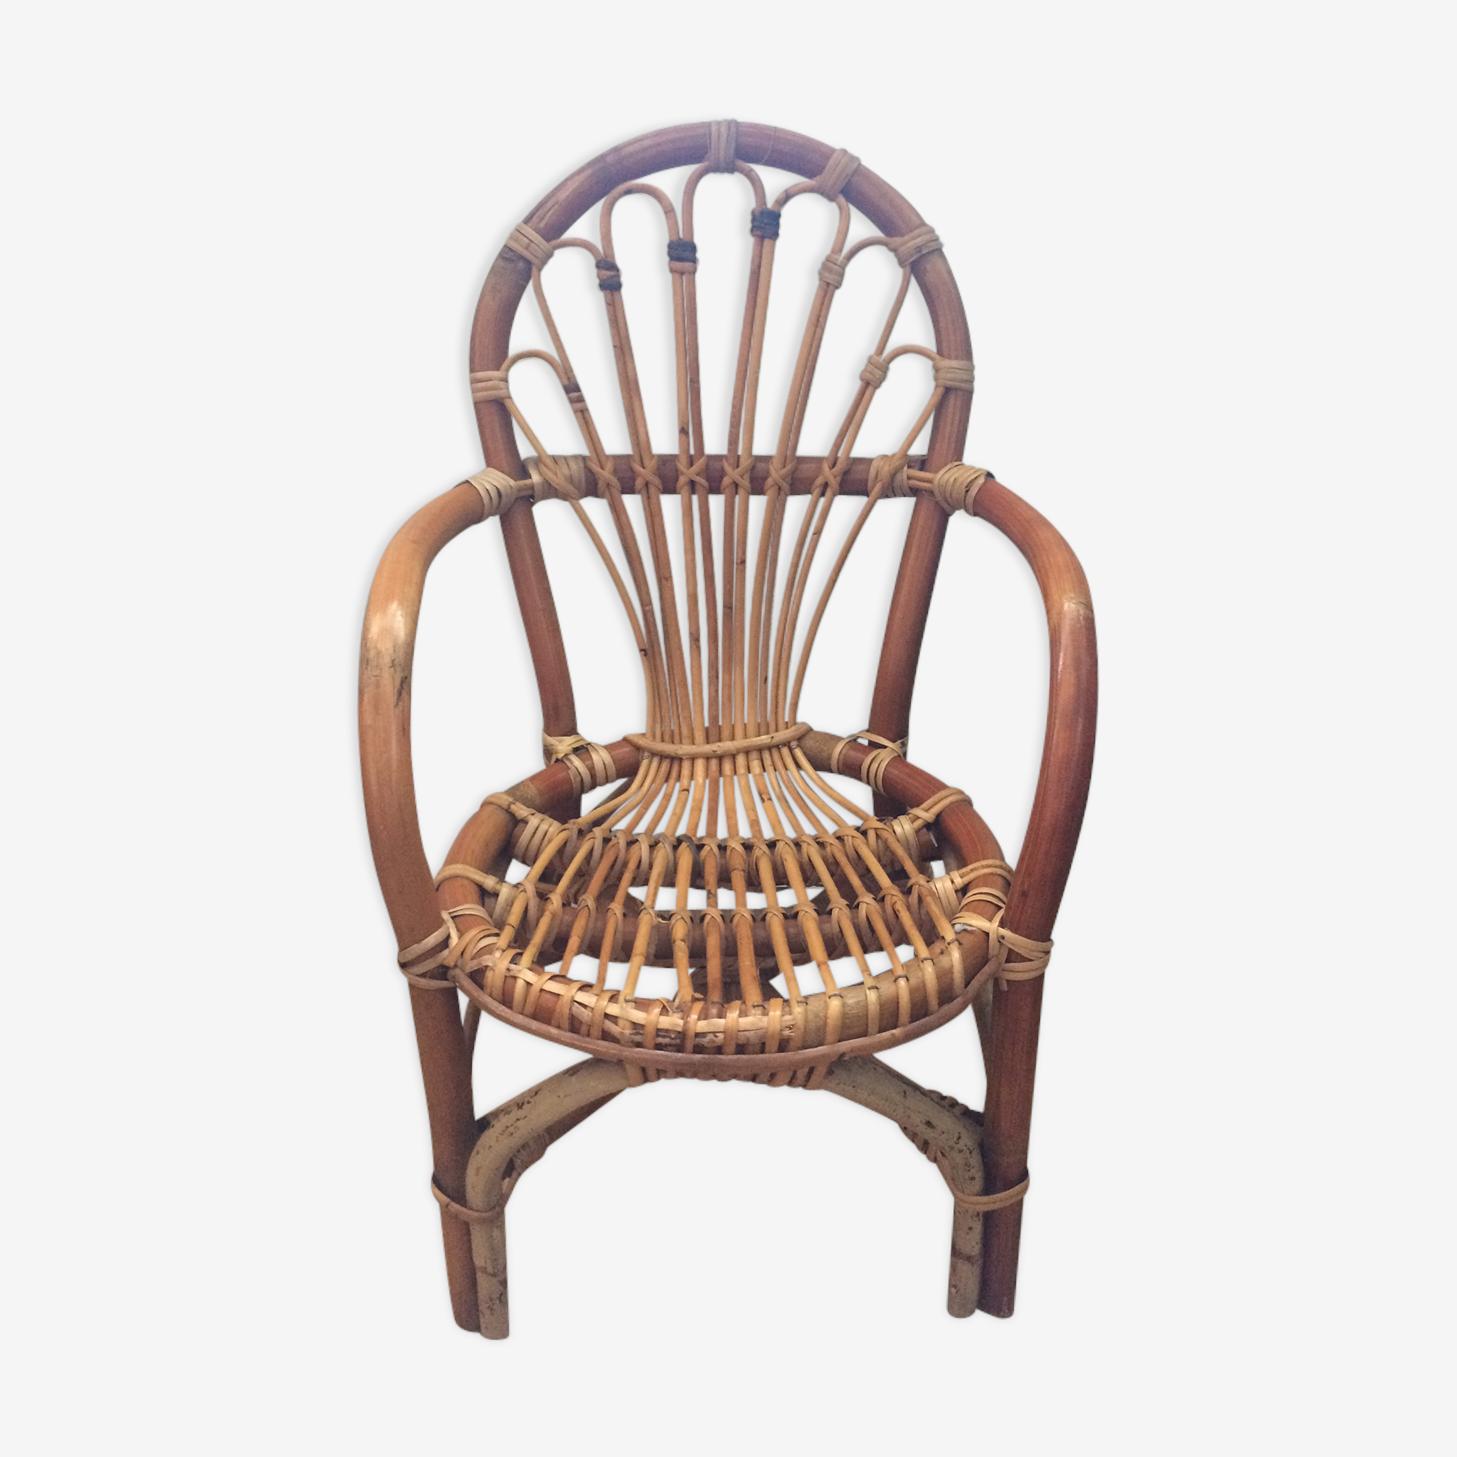 Petit fauteuil en rotin vintage 50's